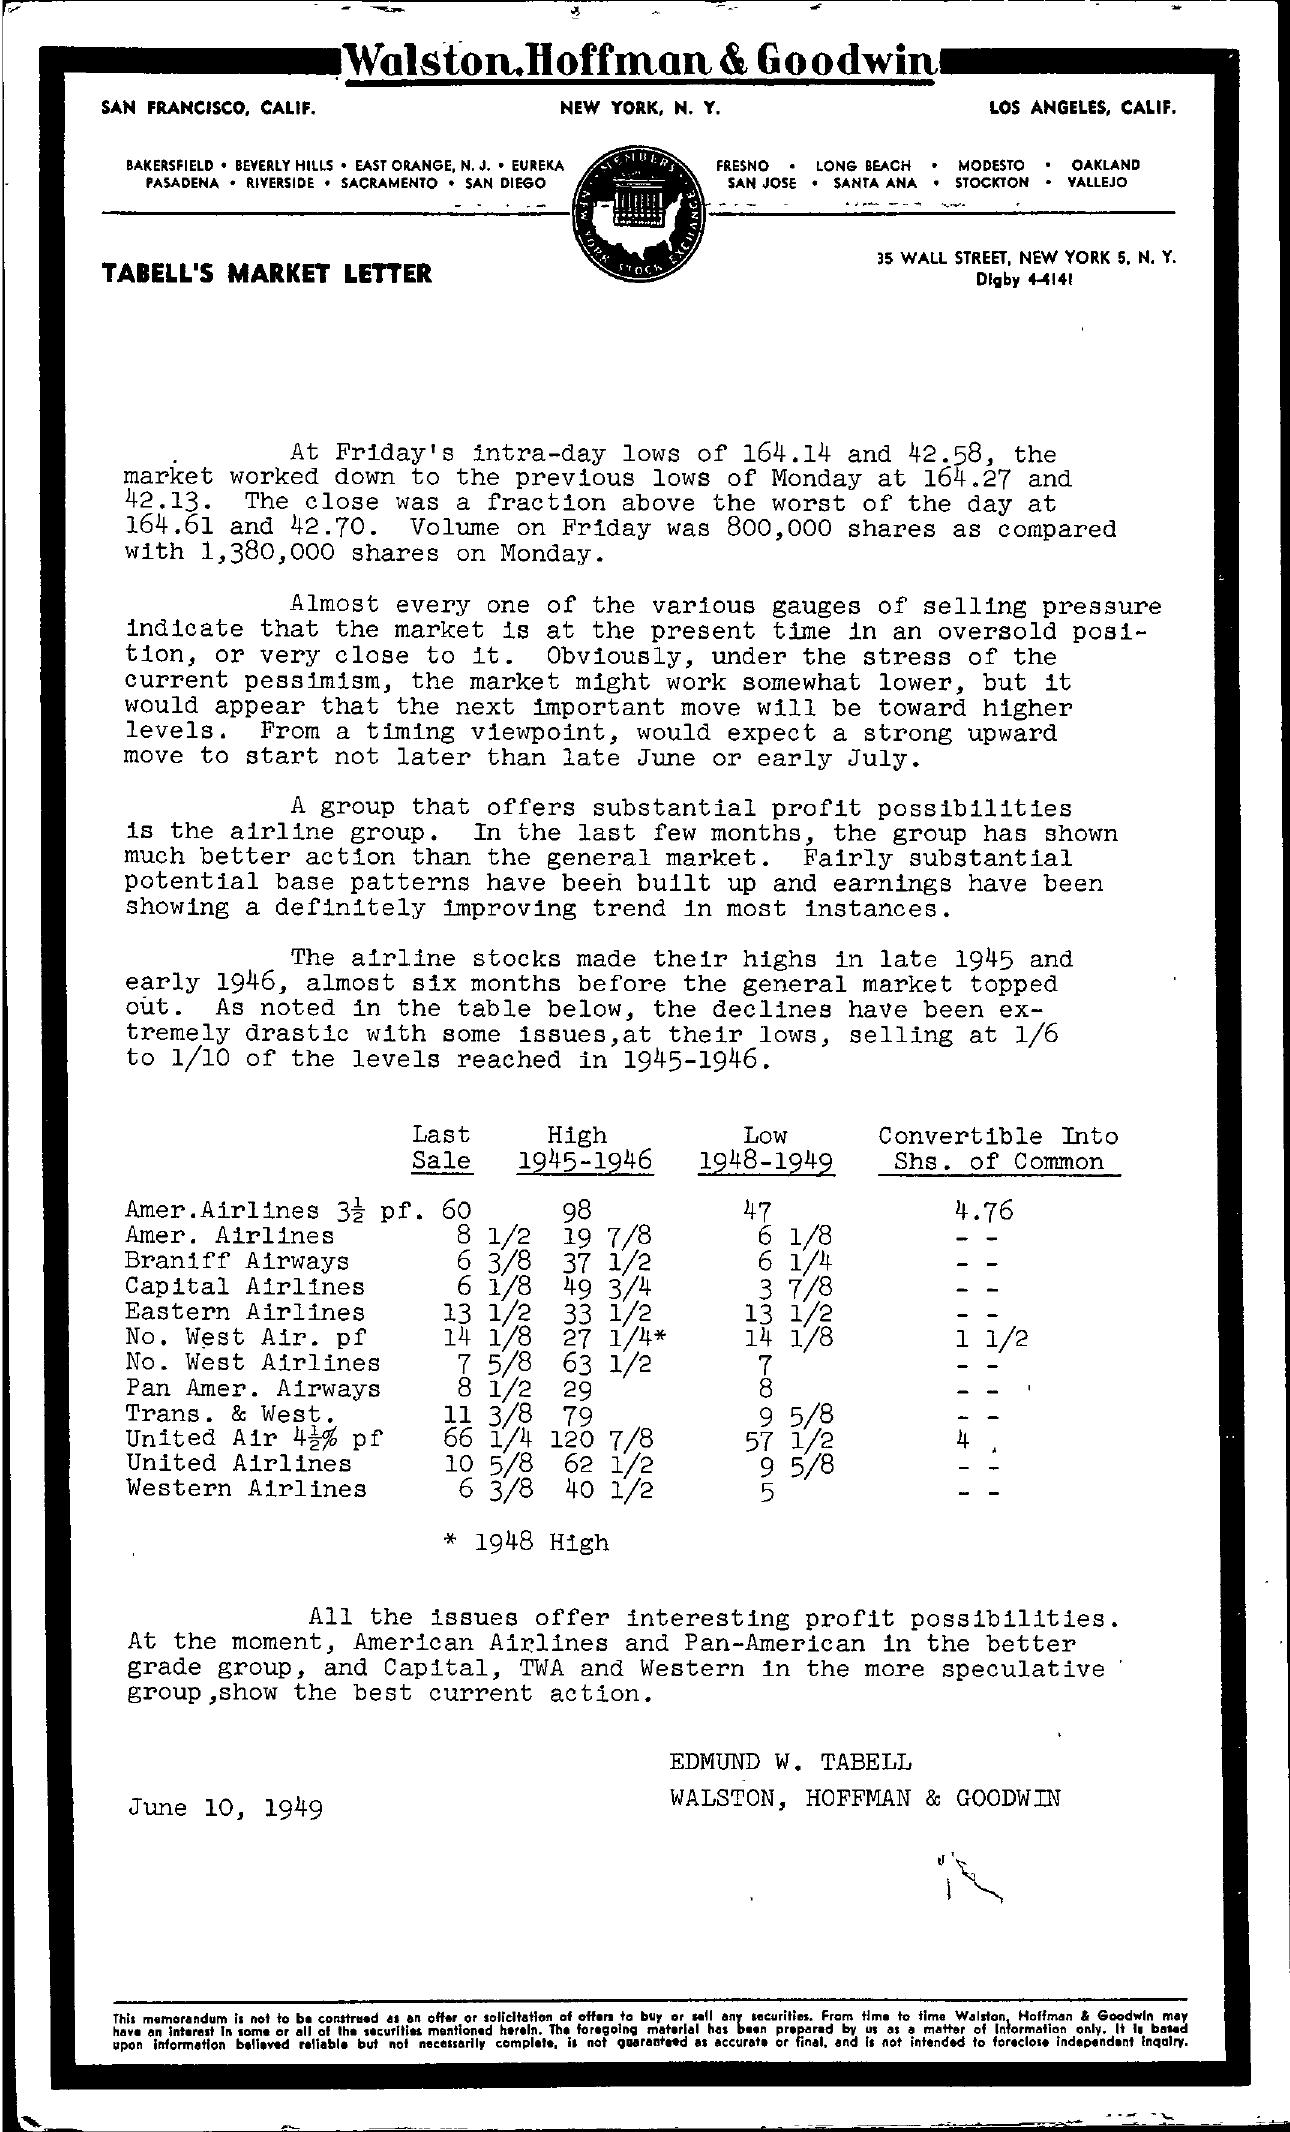 Tabell's Market Letter - June 10, 1949